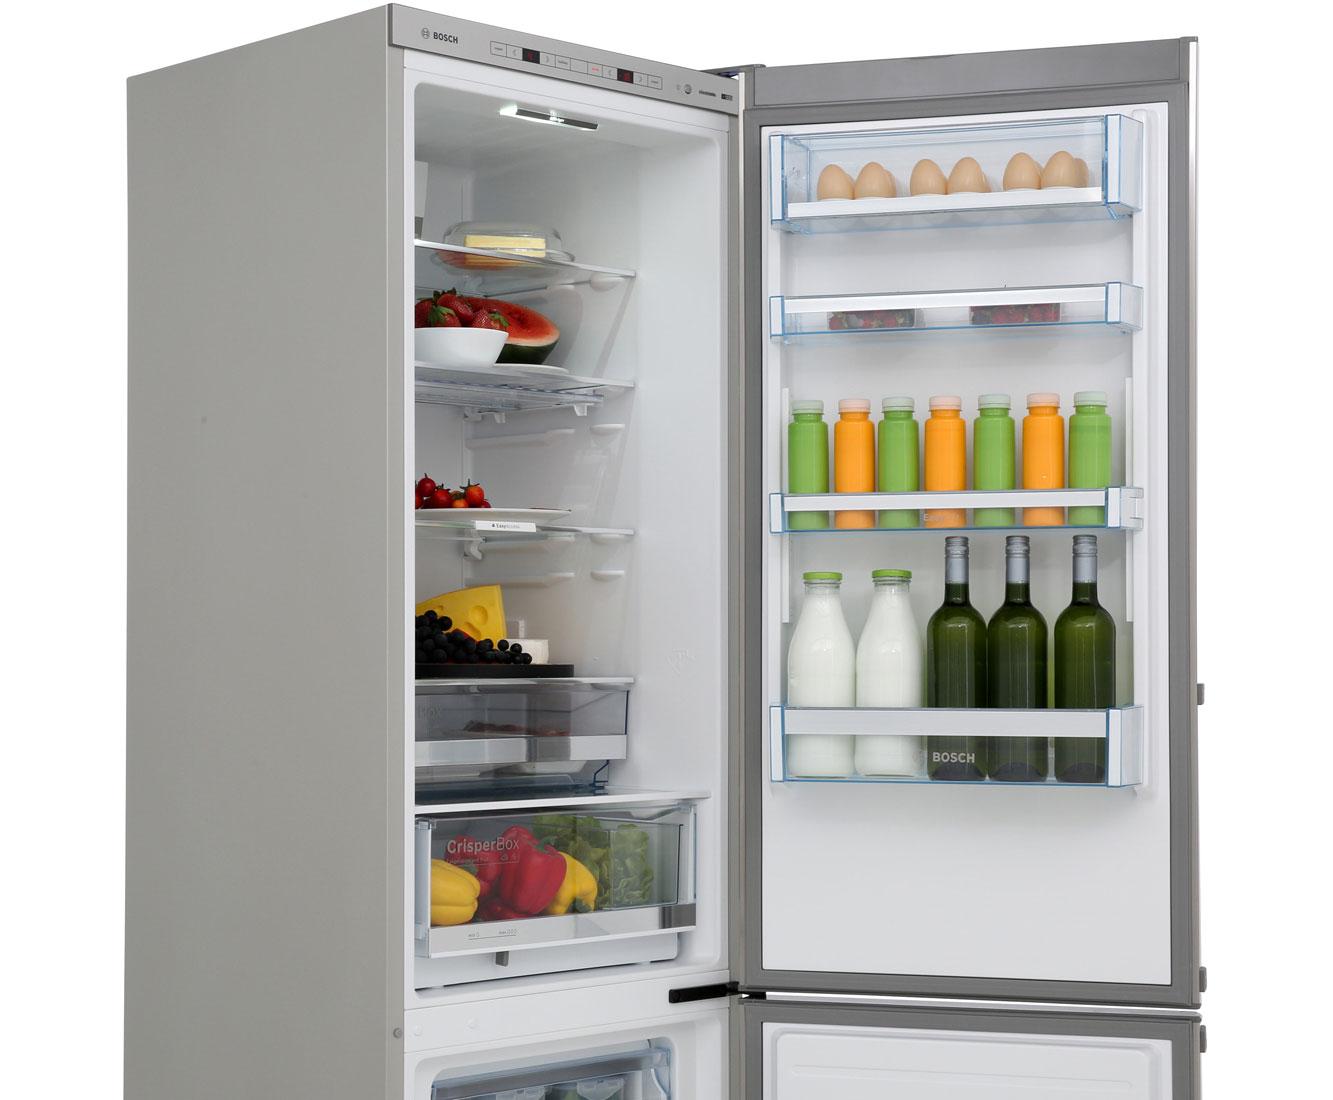 Bosch Kühlschrank Zu Laut : Bosch serie kge ai kühl gefrierkombination er breite